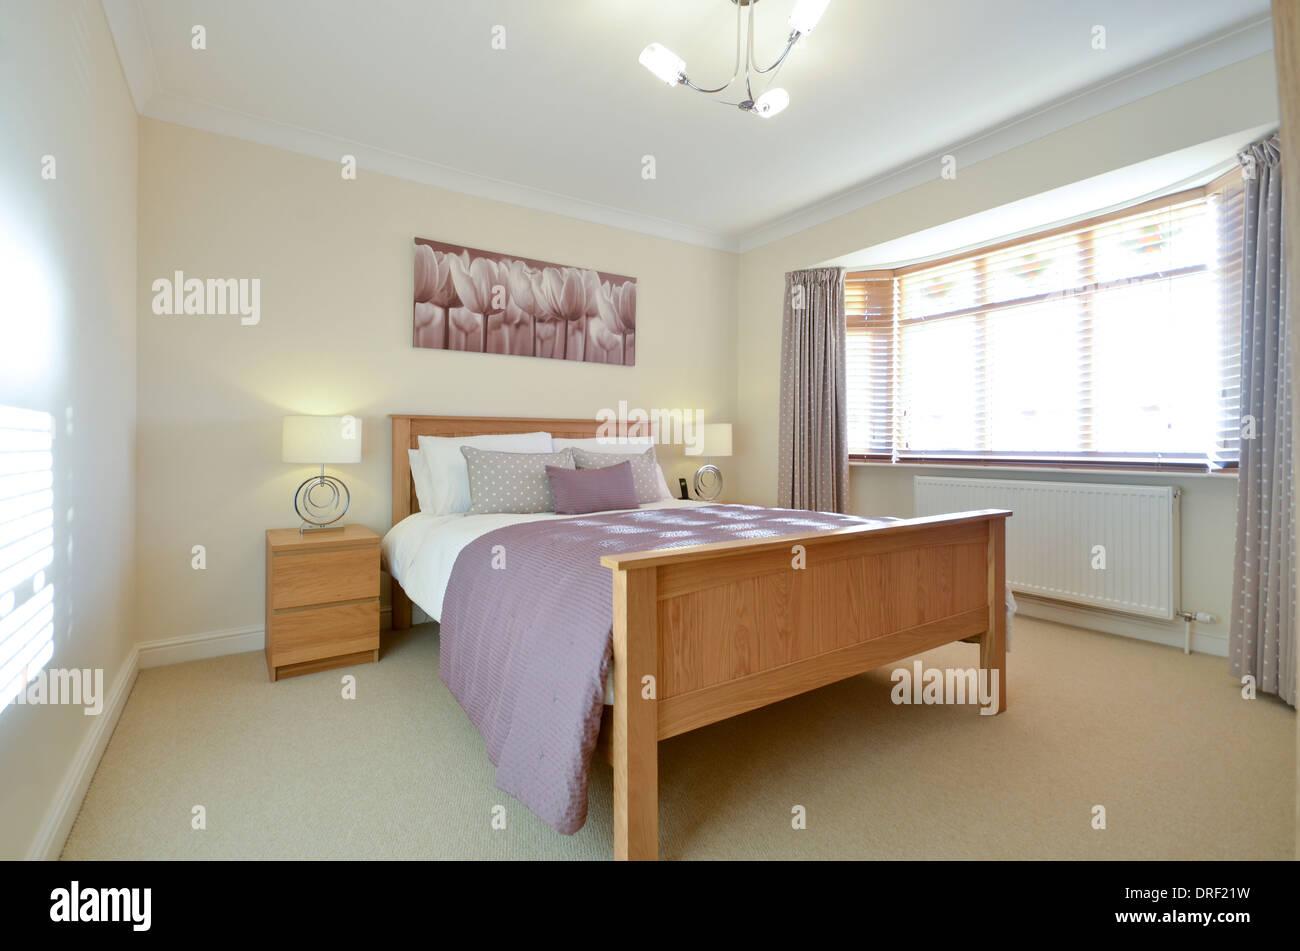 Elegante y moderno dormitorio con cama doble. Imagen De Stock